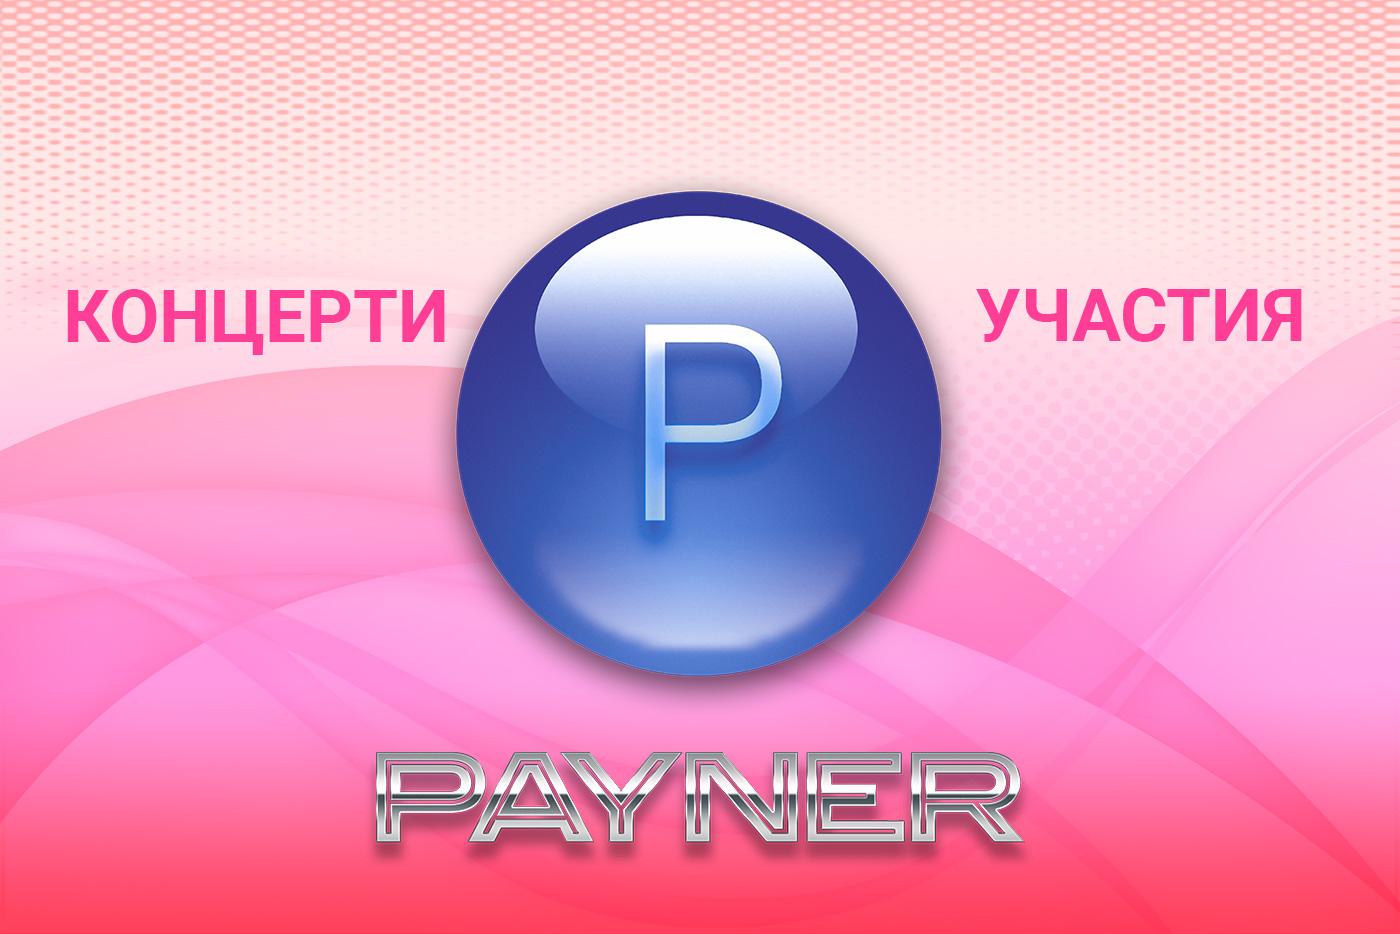 """Участия на звездите на """"Пайнер"""" на 25.09.2018"""